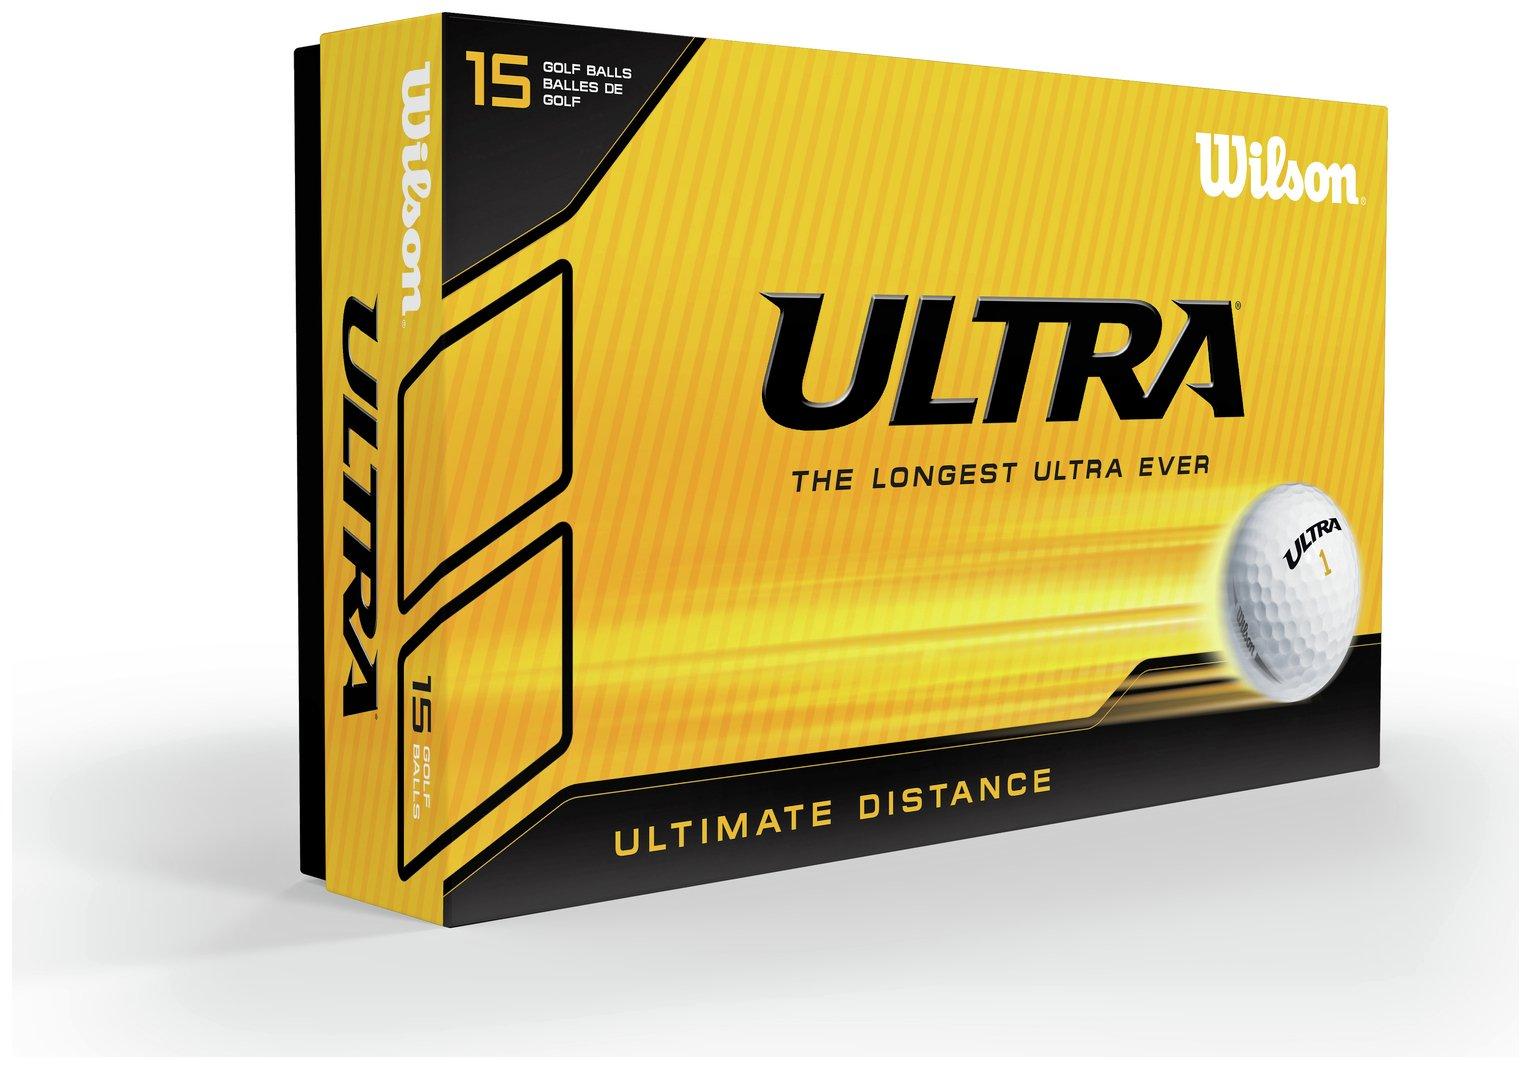 Wilson Ultra Distance Golf Balls 15 Pack